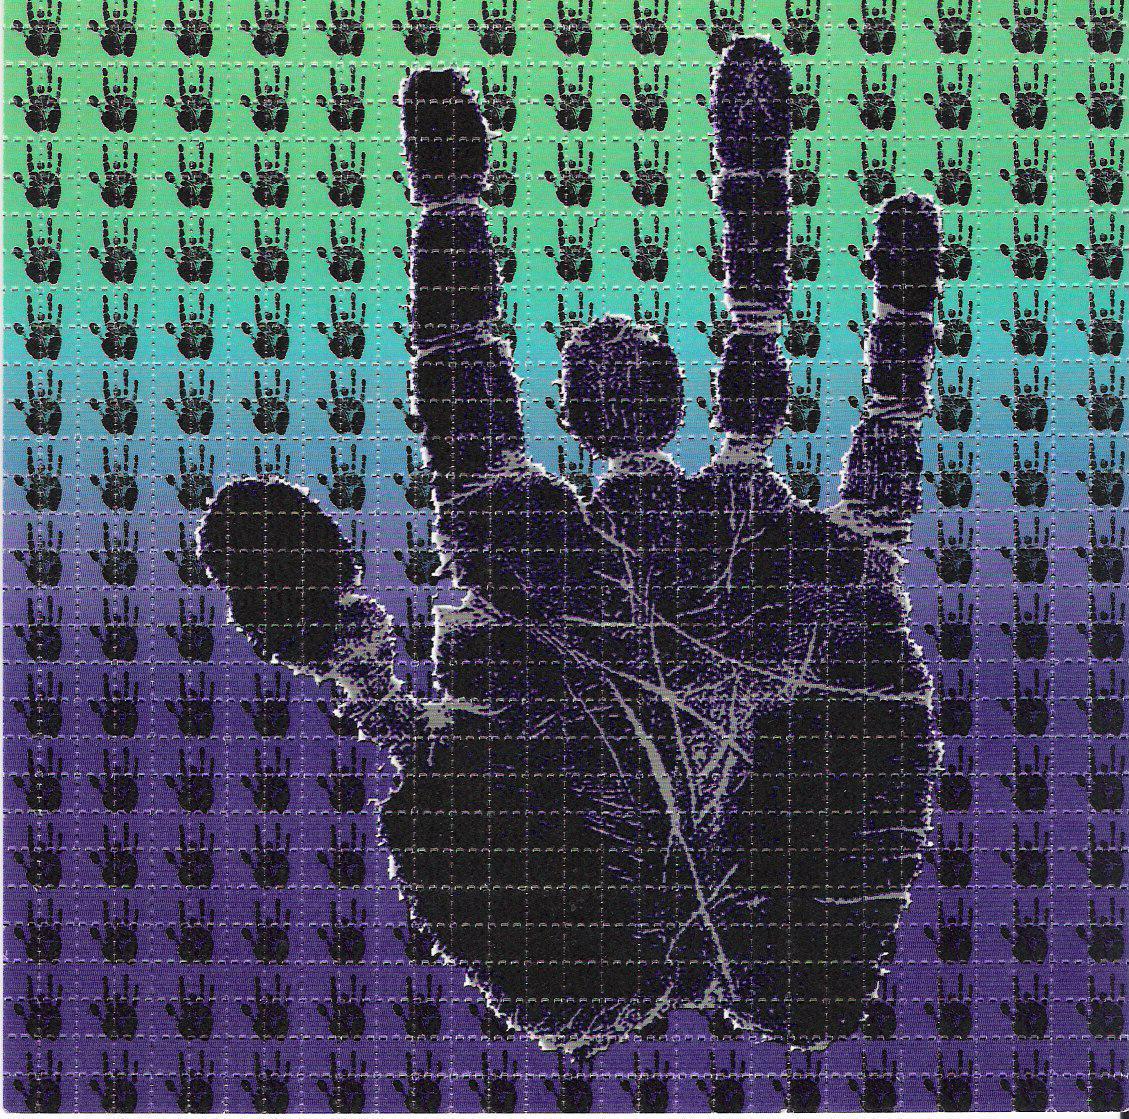 Grateful Deads Jerry Garcia Hand Print Blotter Art